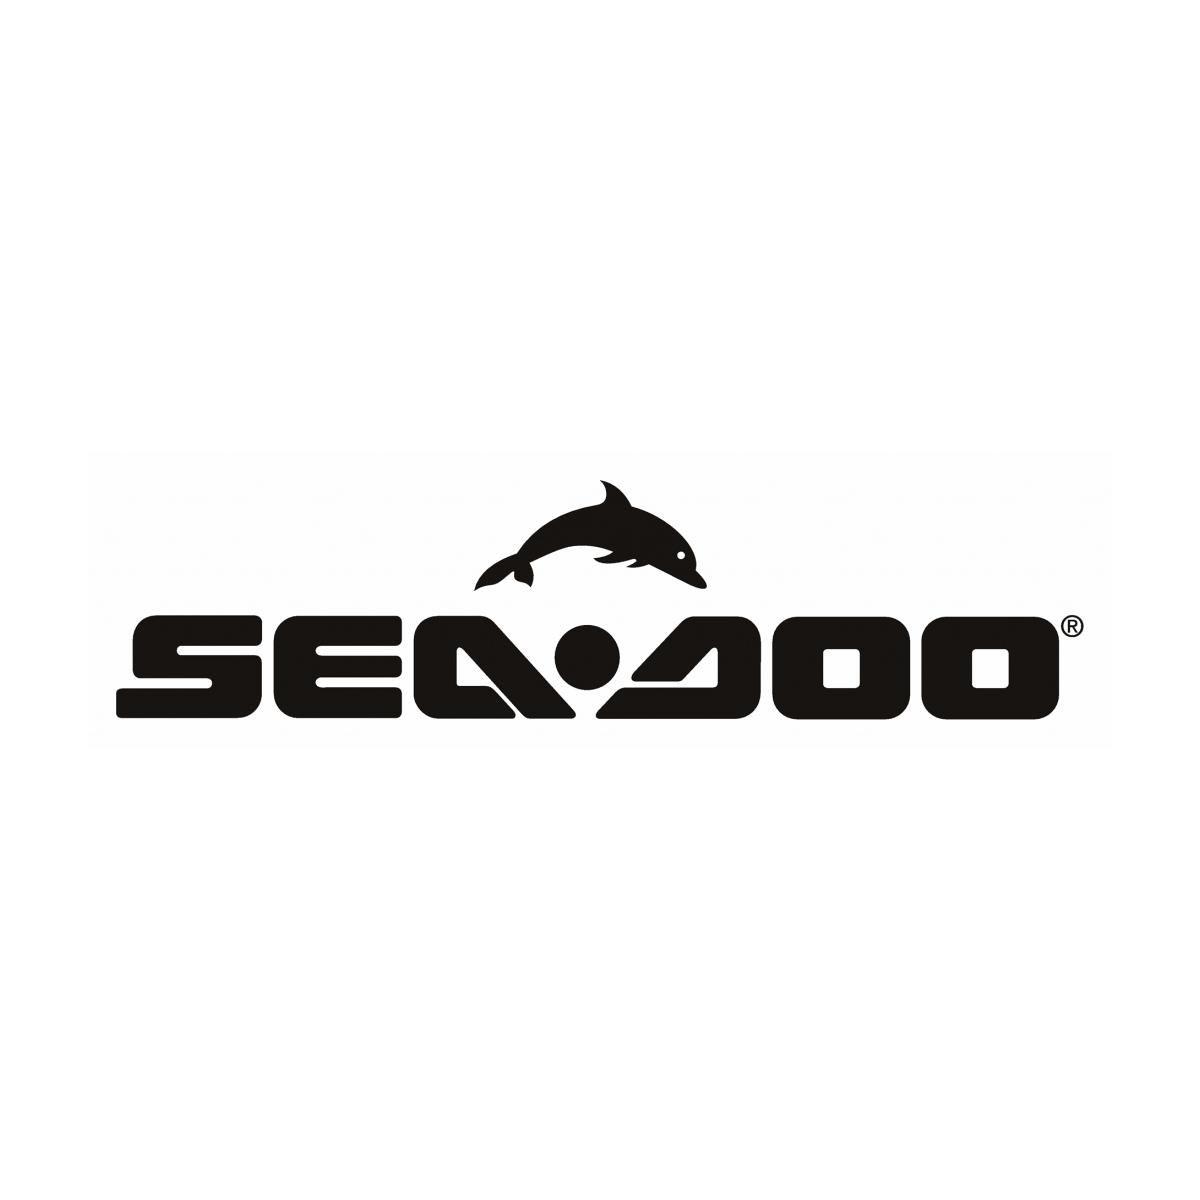 Cinta de Turbina Jet Ski Sea Doo 300 Original  - Radical Peças - Peças para Jet Ski